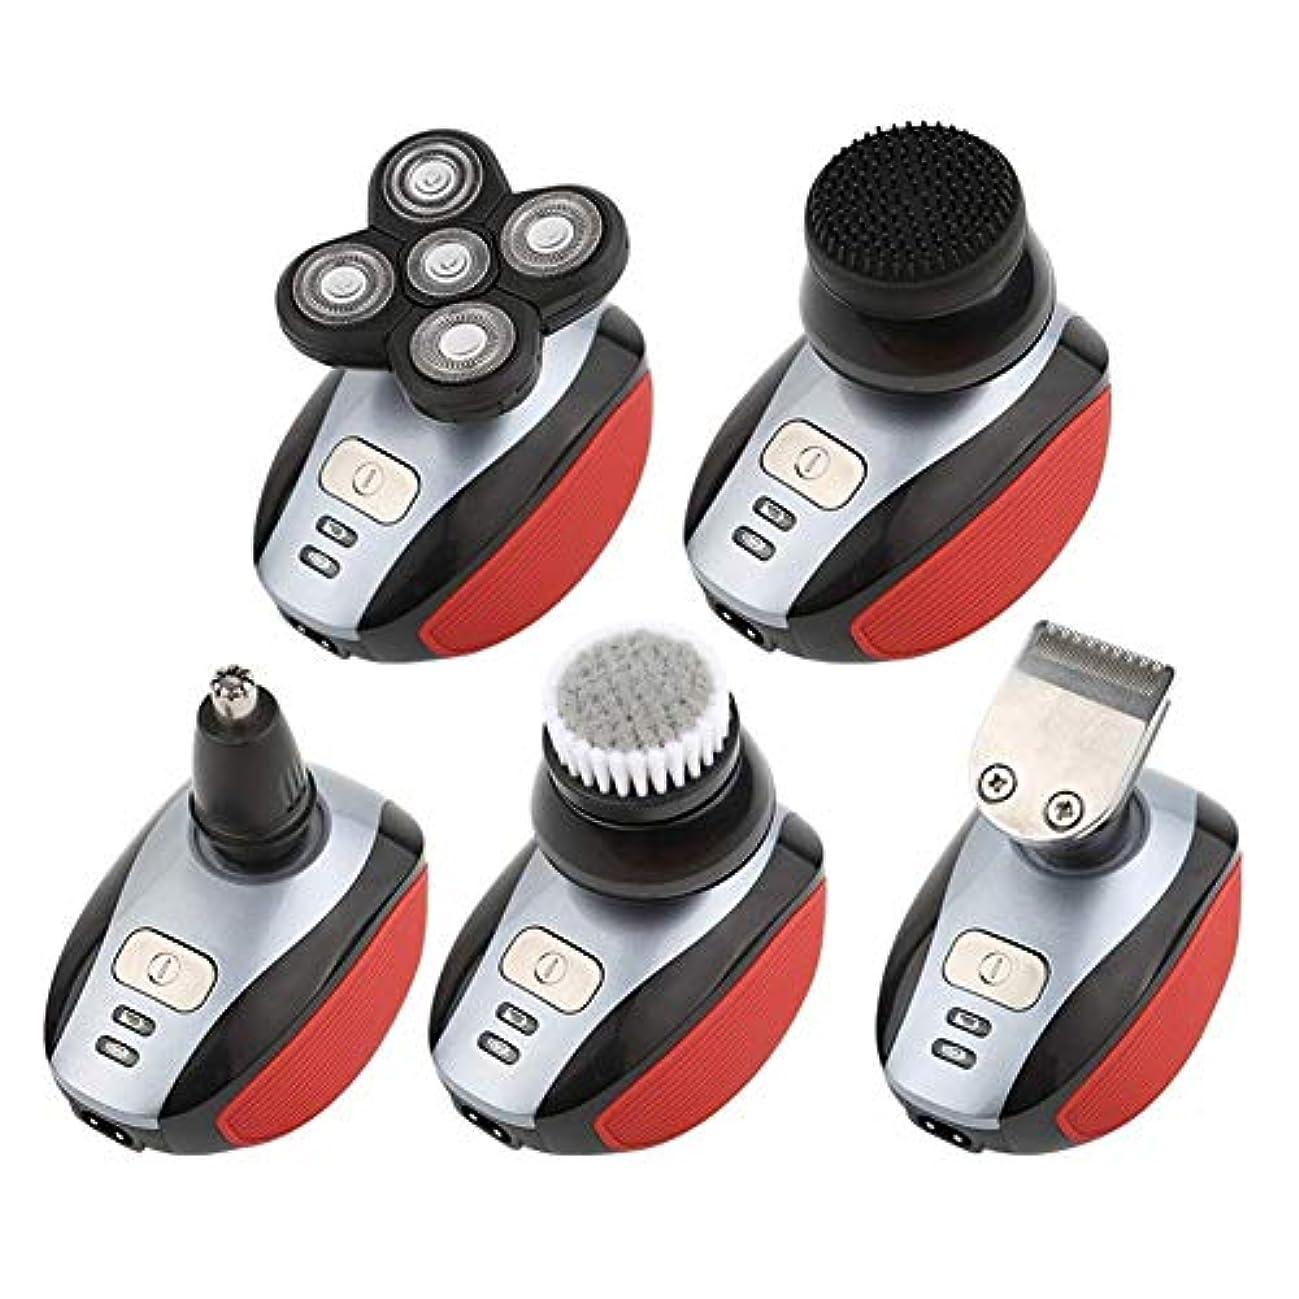 アナログ福祉魅力的電動メンズシェーバートリマー - 多機能美容師5 in 1 USB充電式クレンジングブラシ、鼻毛トリマー、バリカン美容ツール